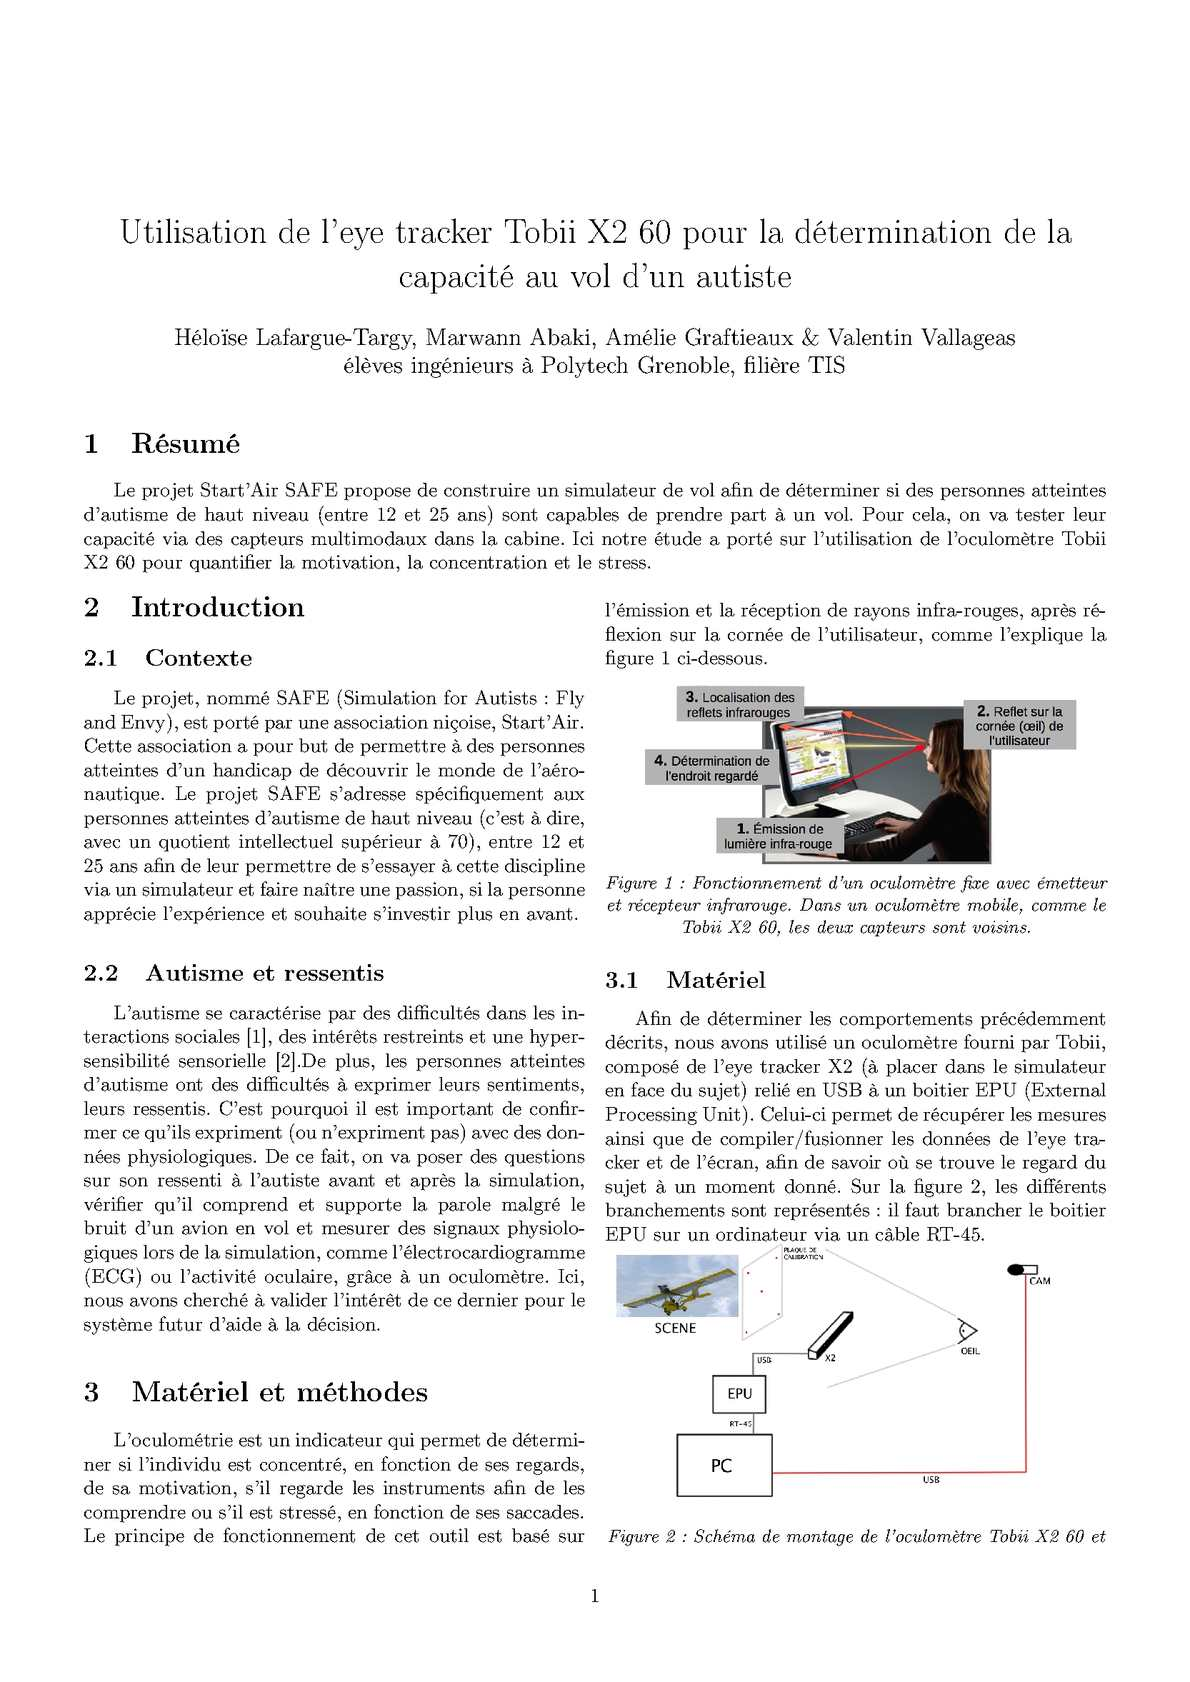 Calam o utilisation de l eye tracker tobii x2 60 pour la - Capacite calorifique de l air ...